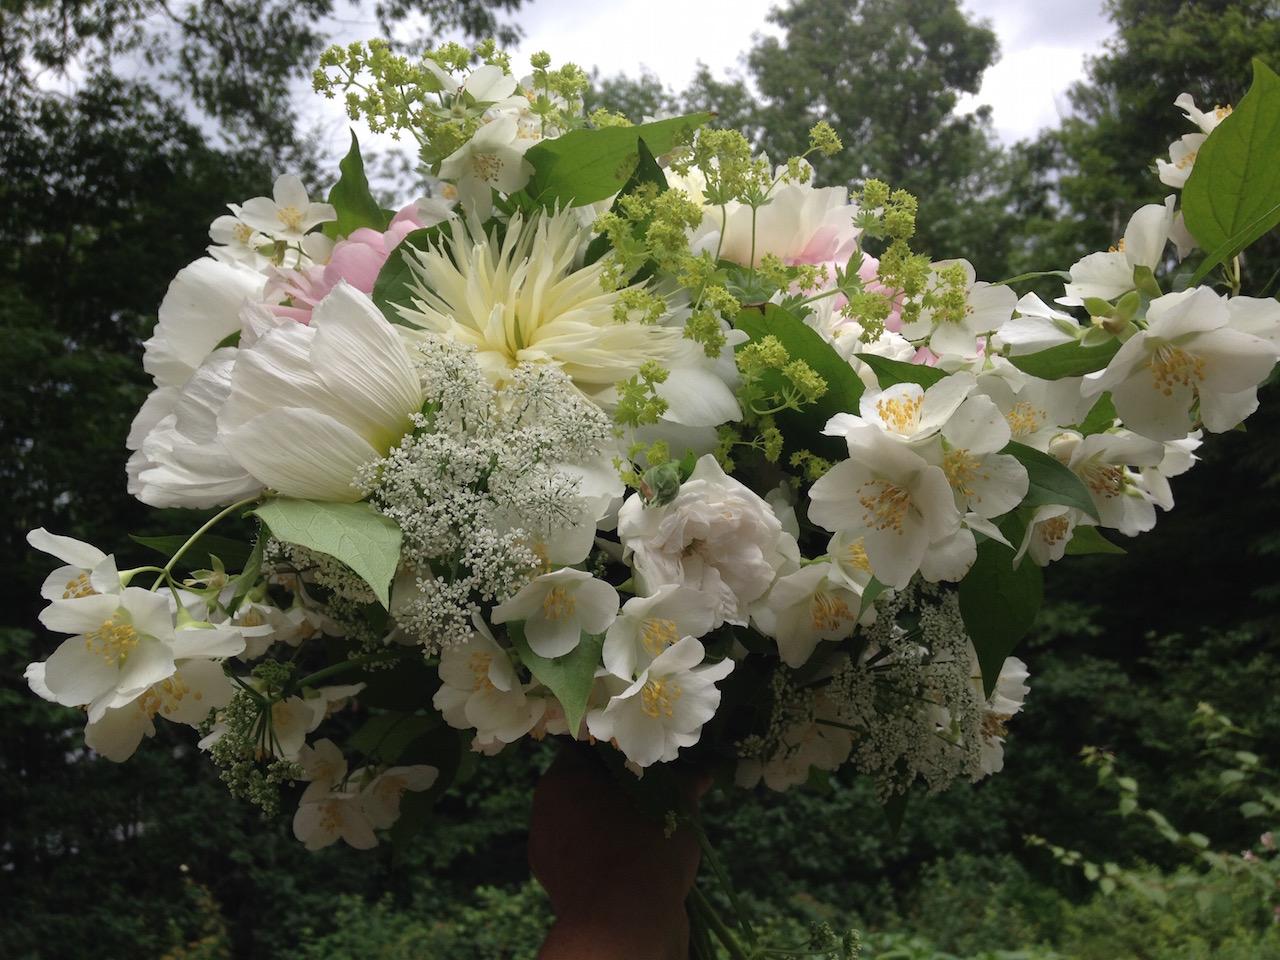 Peony, anemone, mockorange,and poppy wedding bouquet in Huntington, Vermont